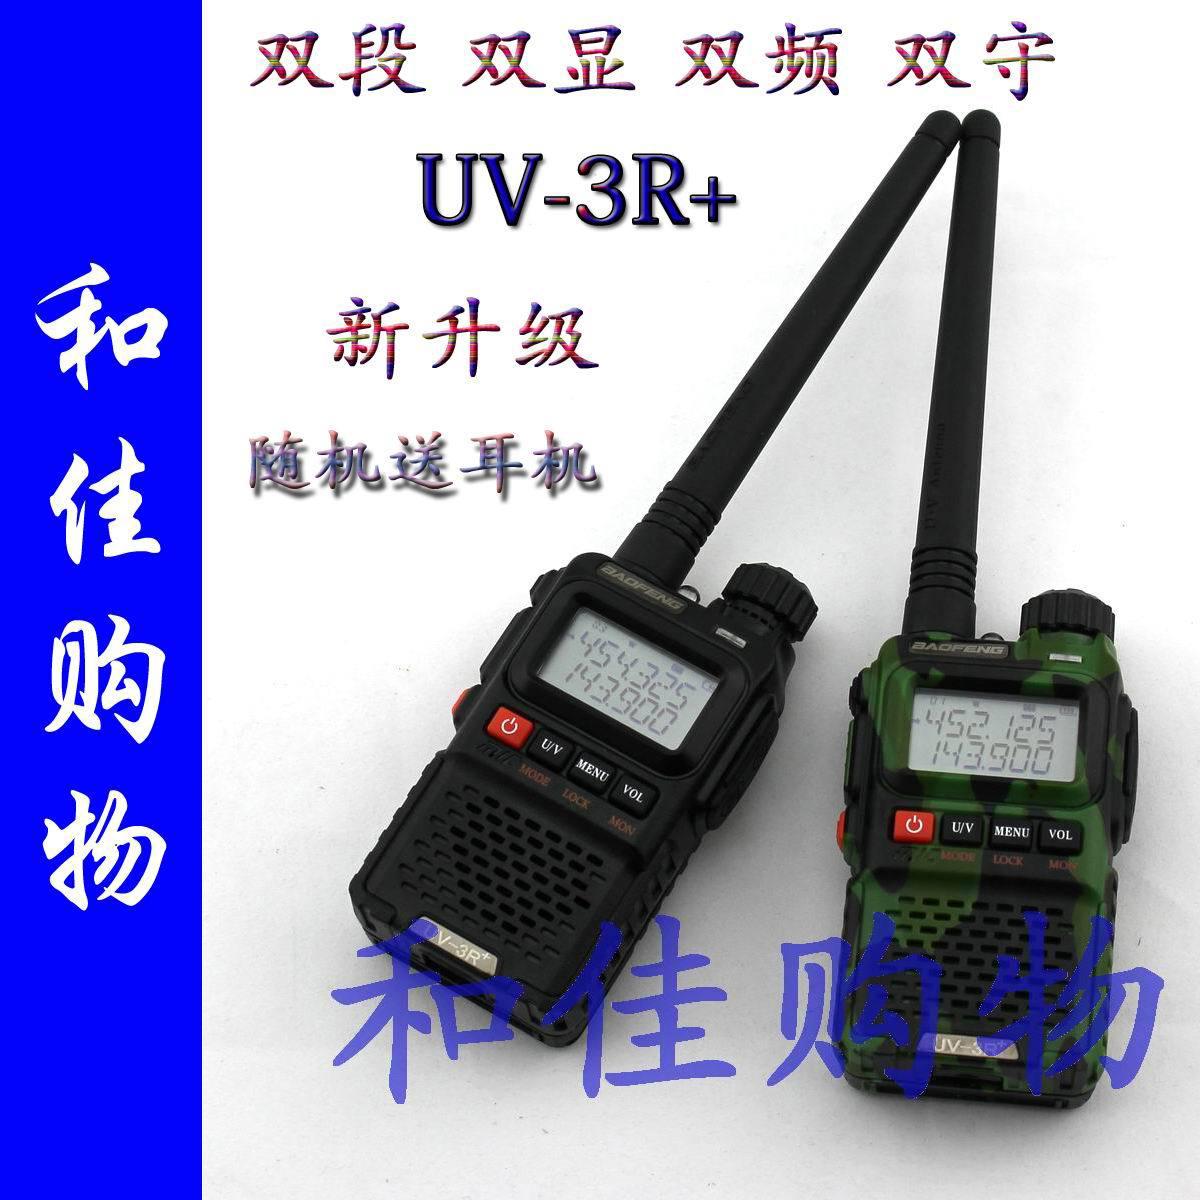 正品新款宝锋uv-3r+bf迷你双频手台热销0件假一赔三